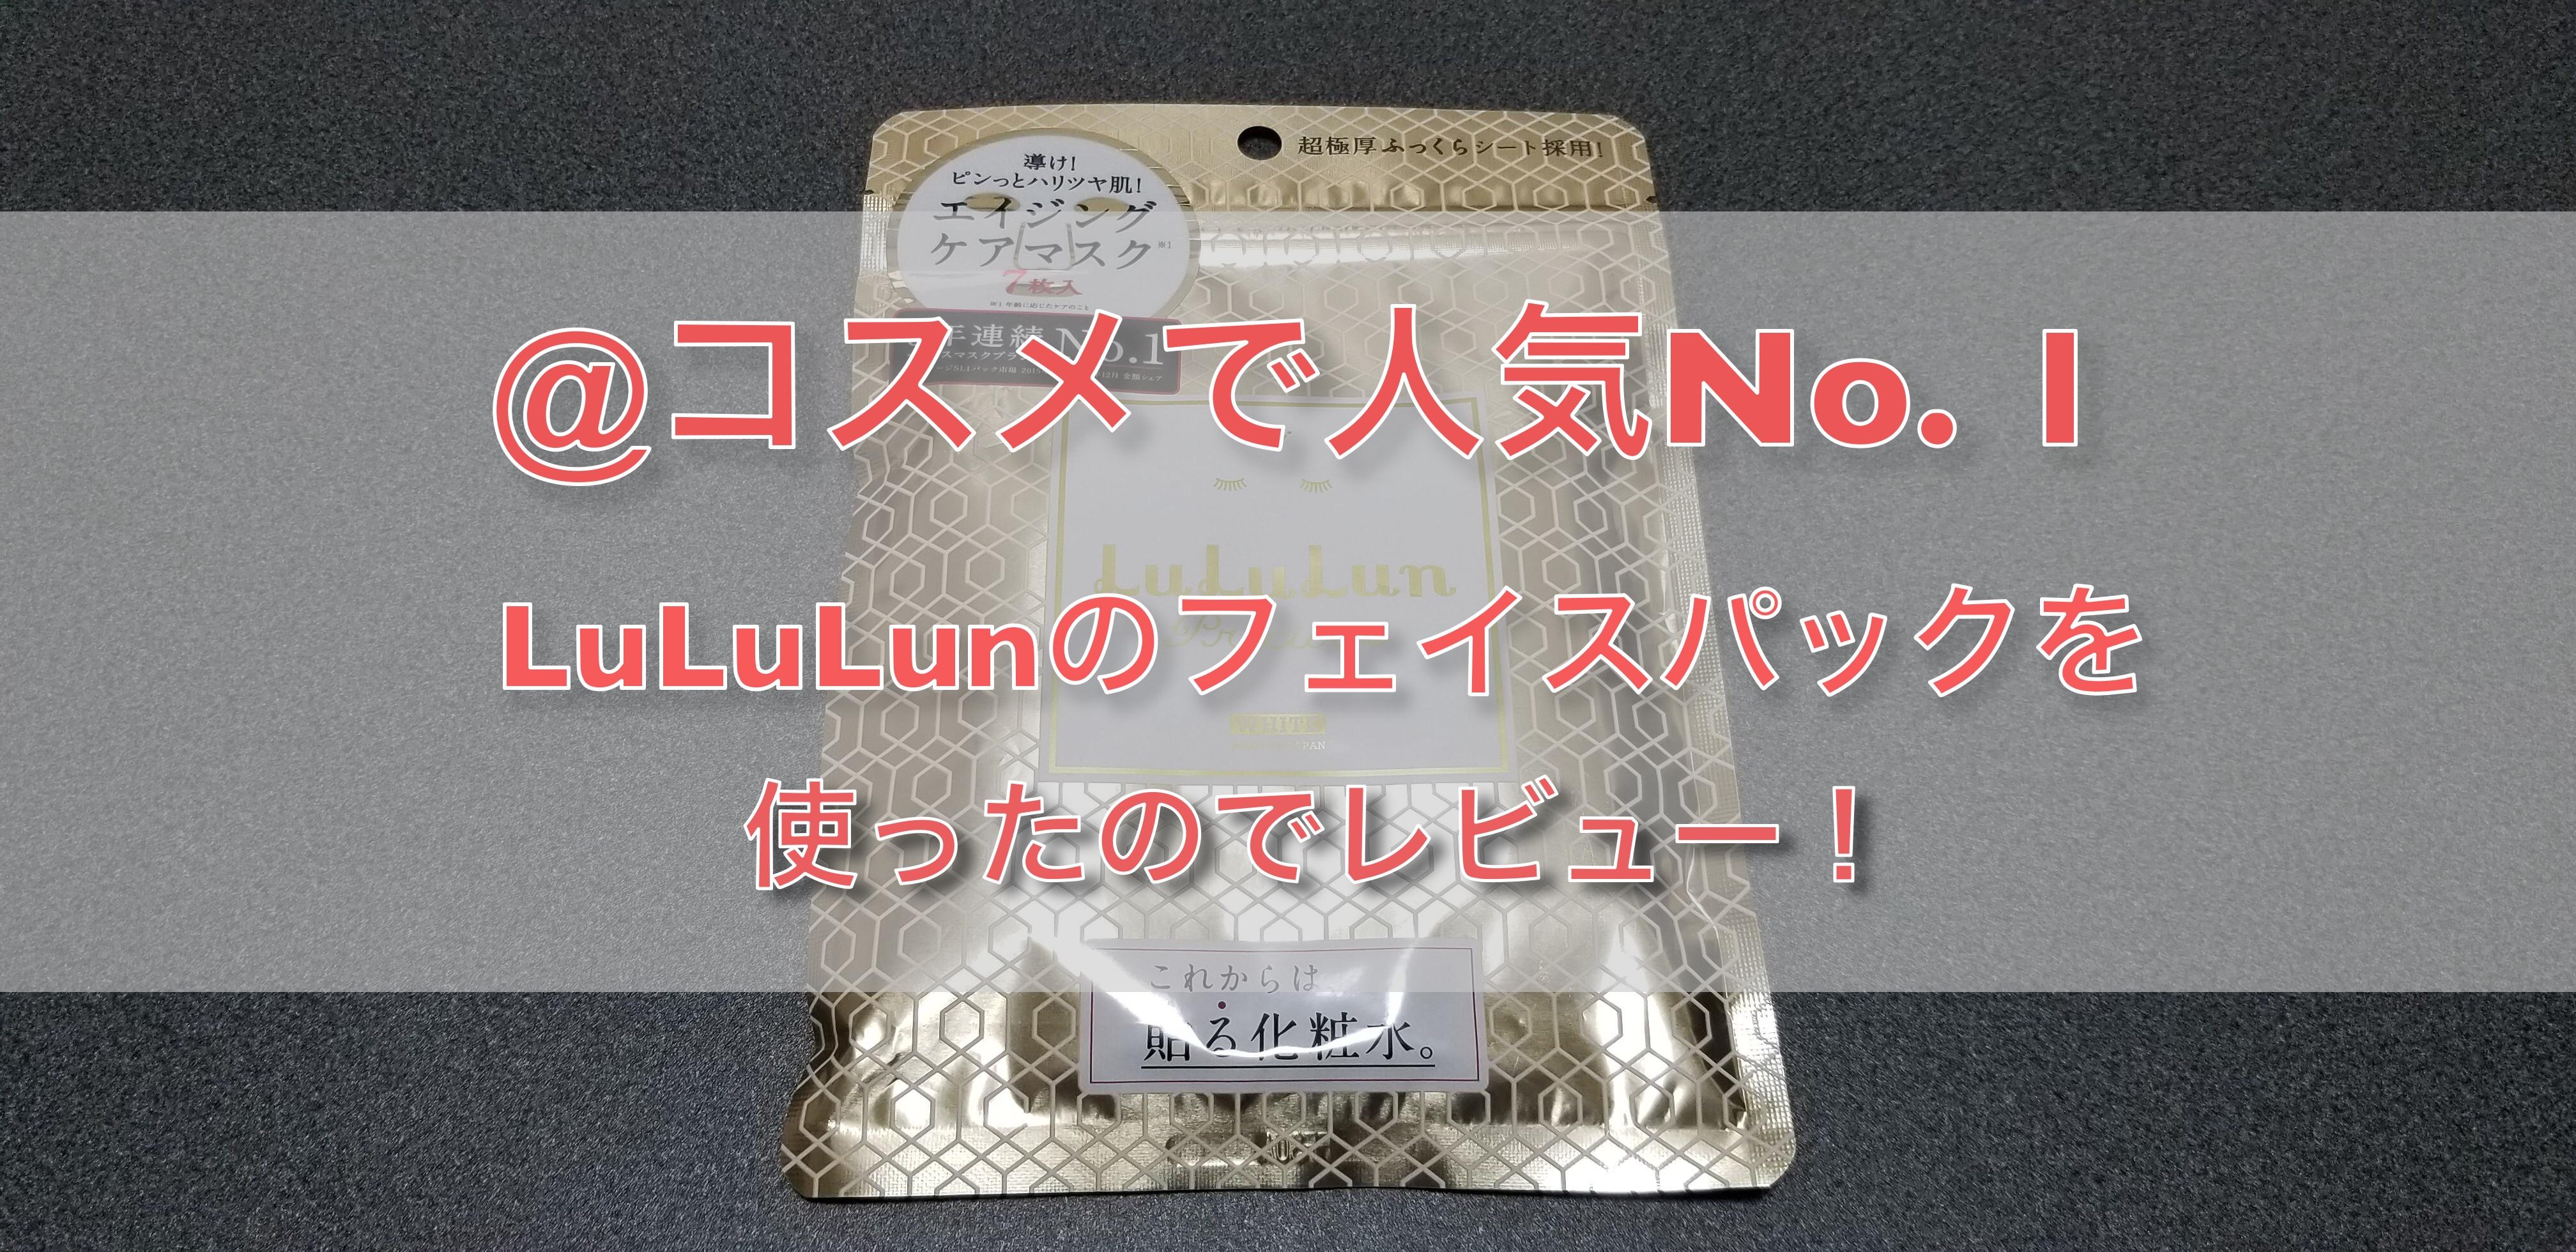 @コスメで人気NO.1のLuLuLunのフェイスパックを使ってみたのでレビュー!